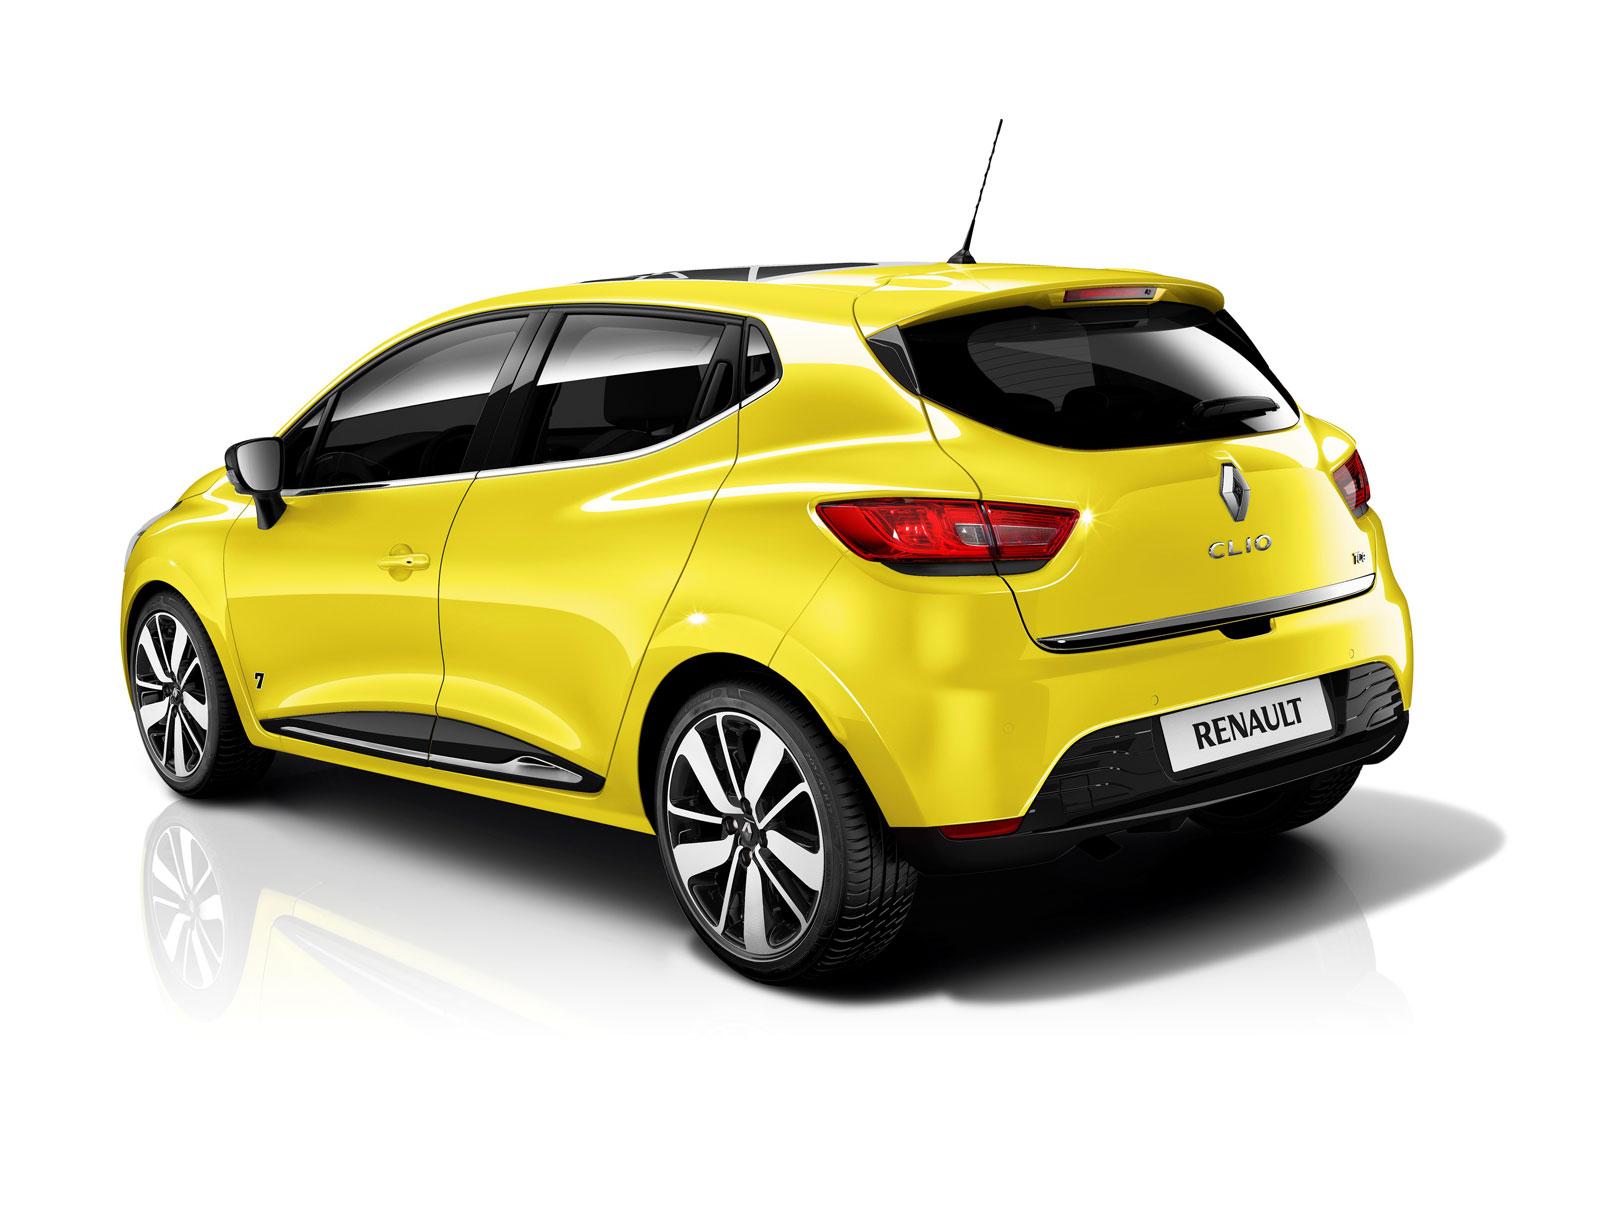 Renault Clio 2012, an�lisis plazas posteriores